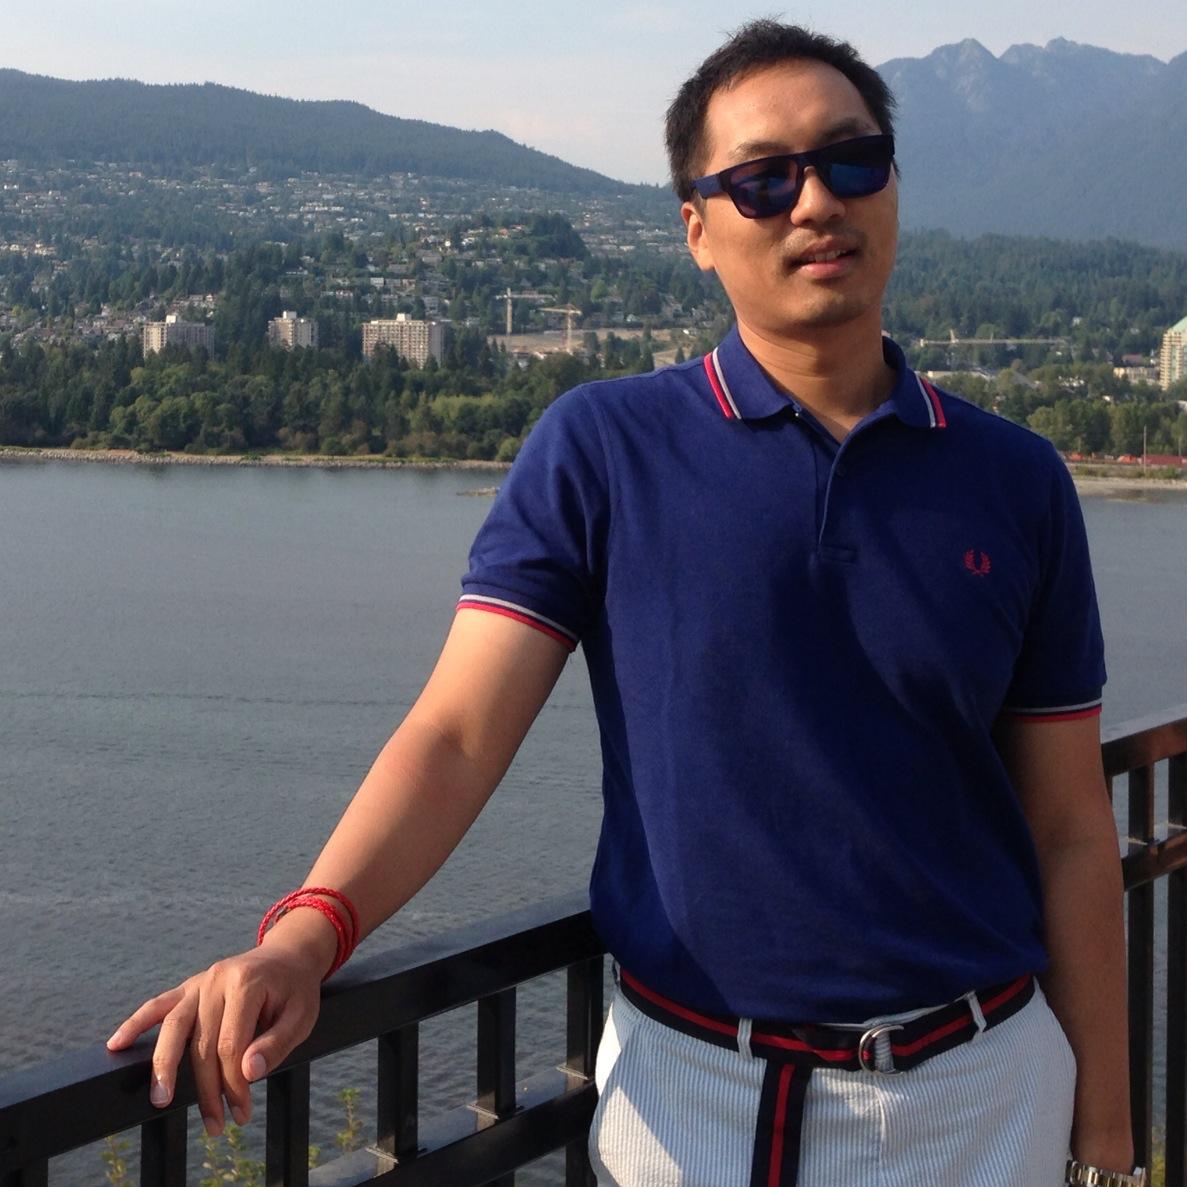 Gio Hwang